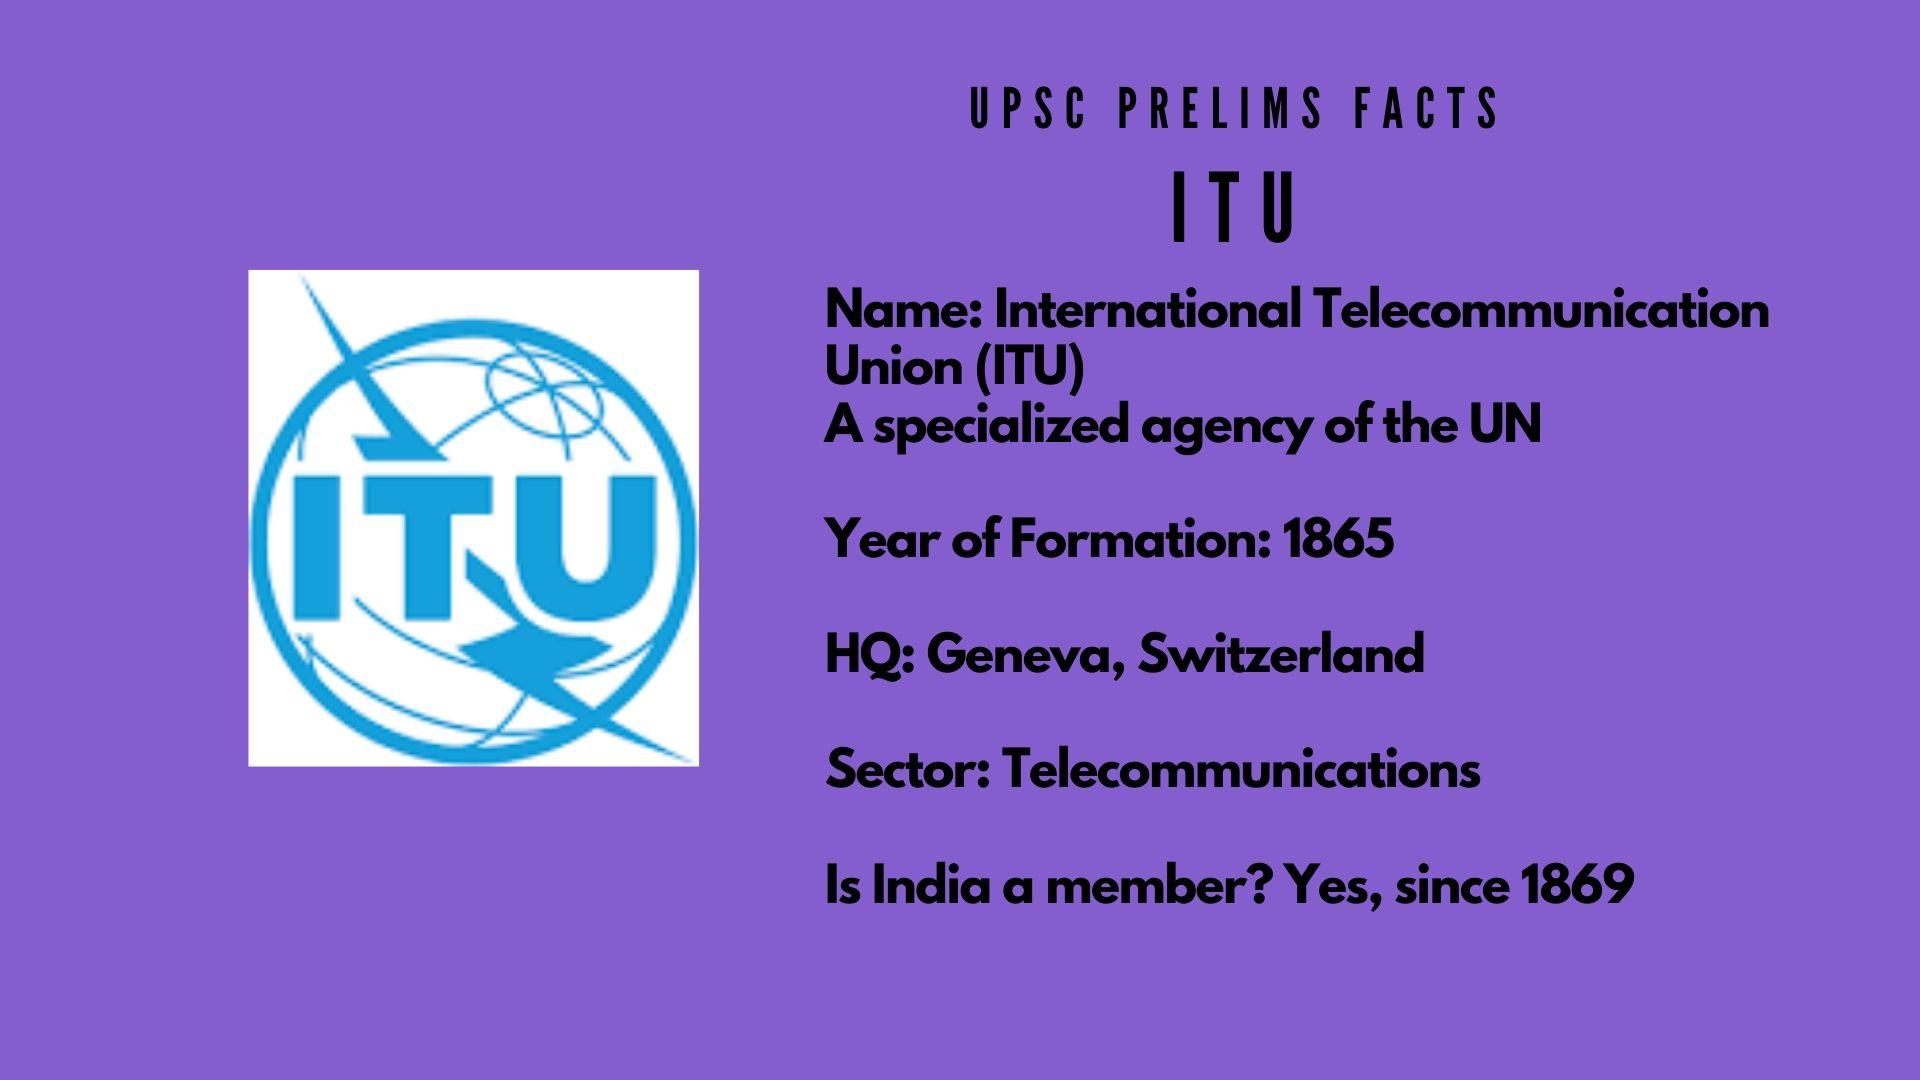 ITU - UPSC Prelims Facts